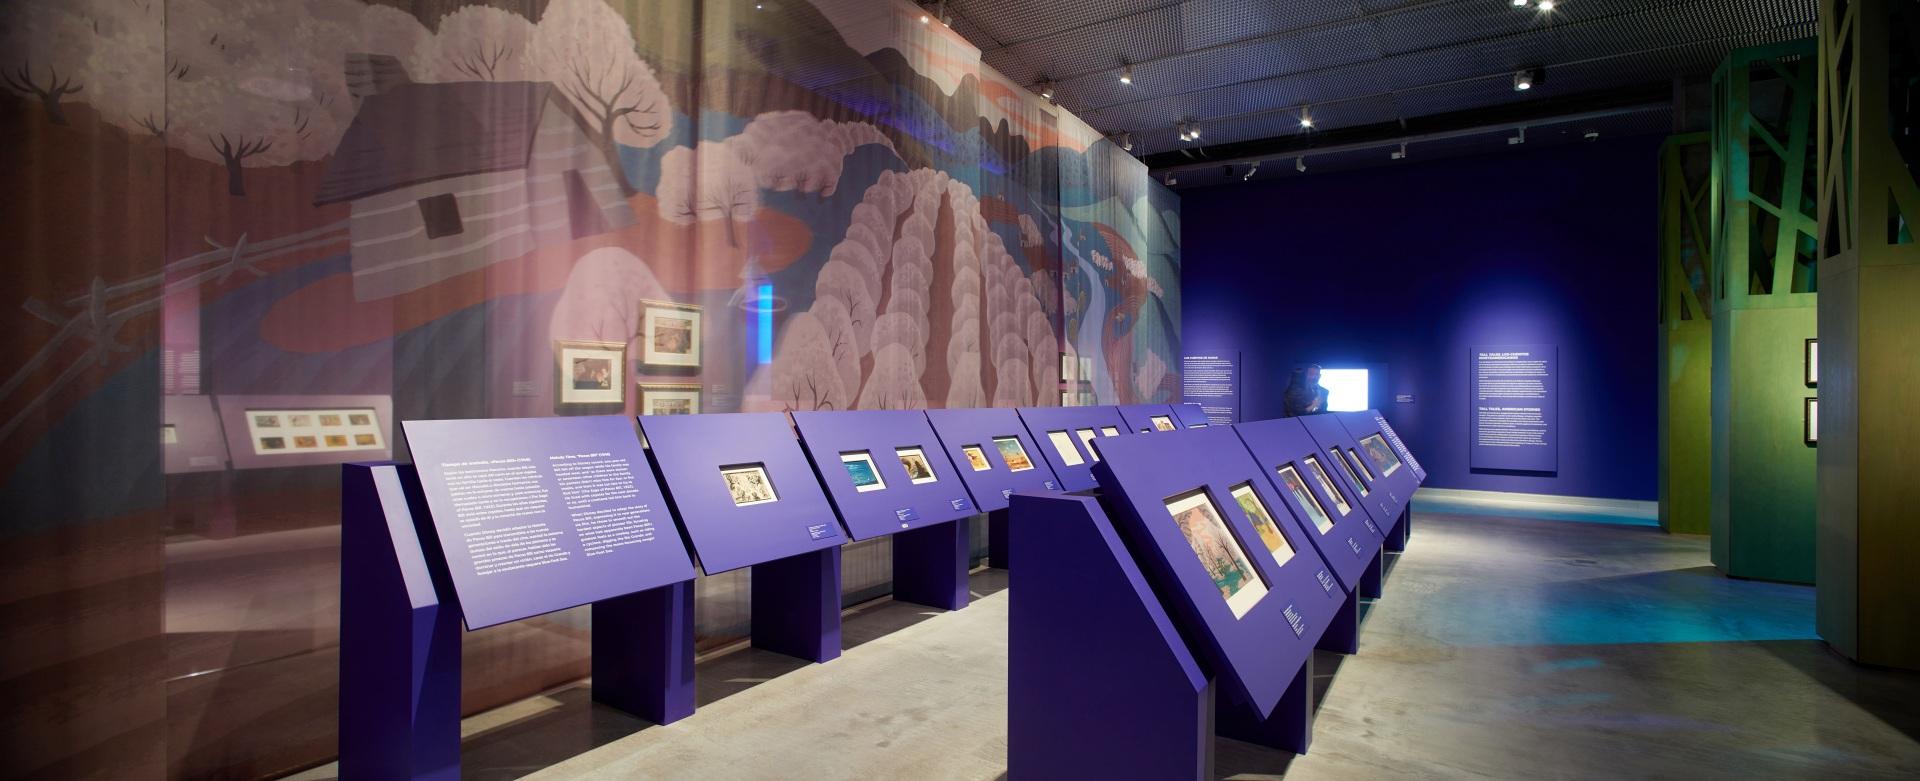 Exposición sobre Walt Disney. Mesas de dibujo color morado. Paisaje de colores de fondo.